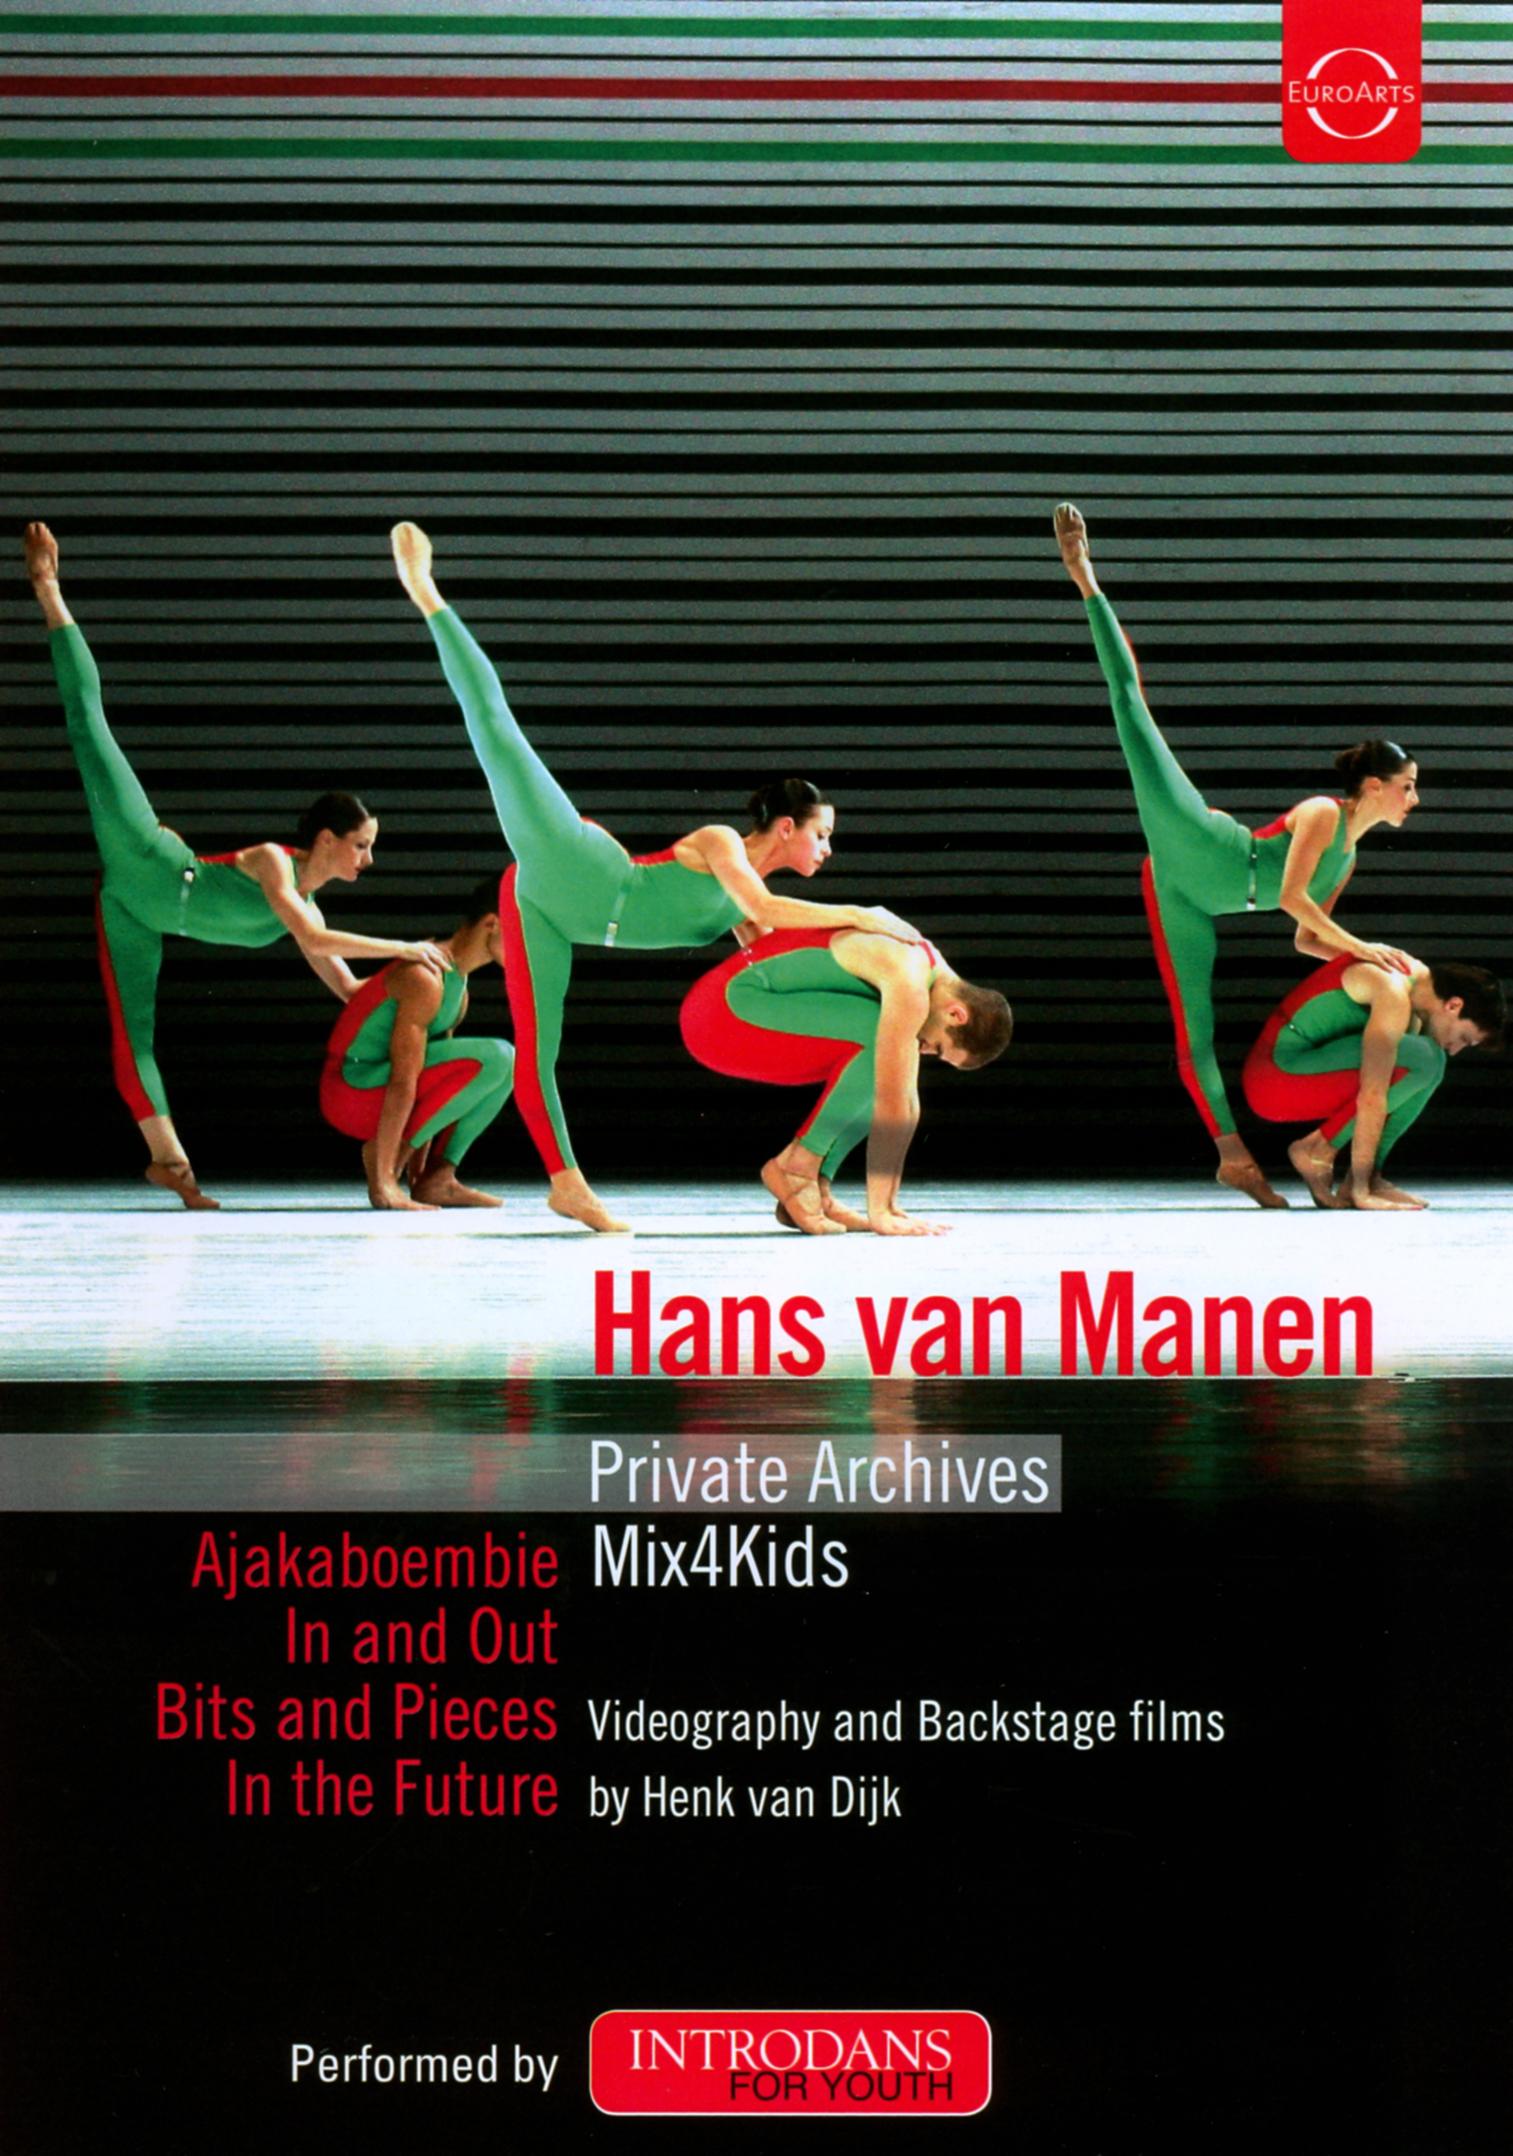 Introdans Ensemble for Youth: Hans van Manen - Private Archives/Mix4Kids